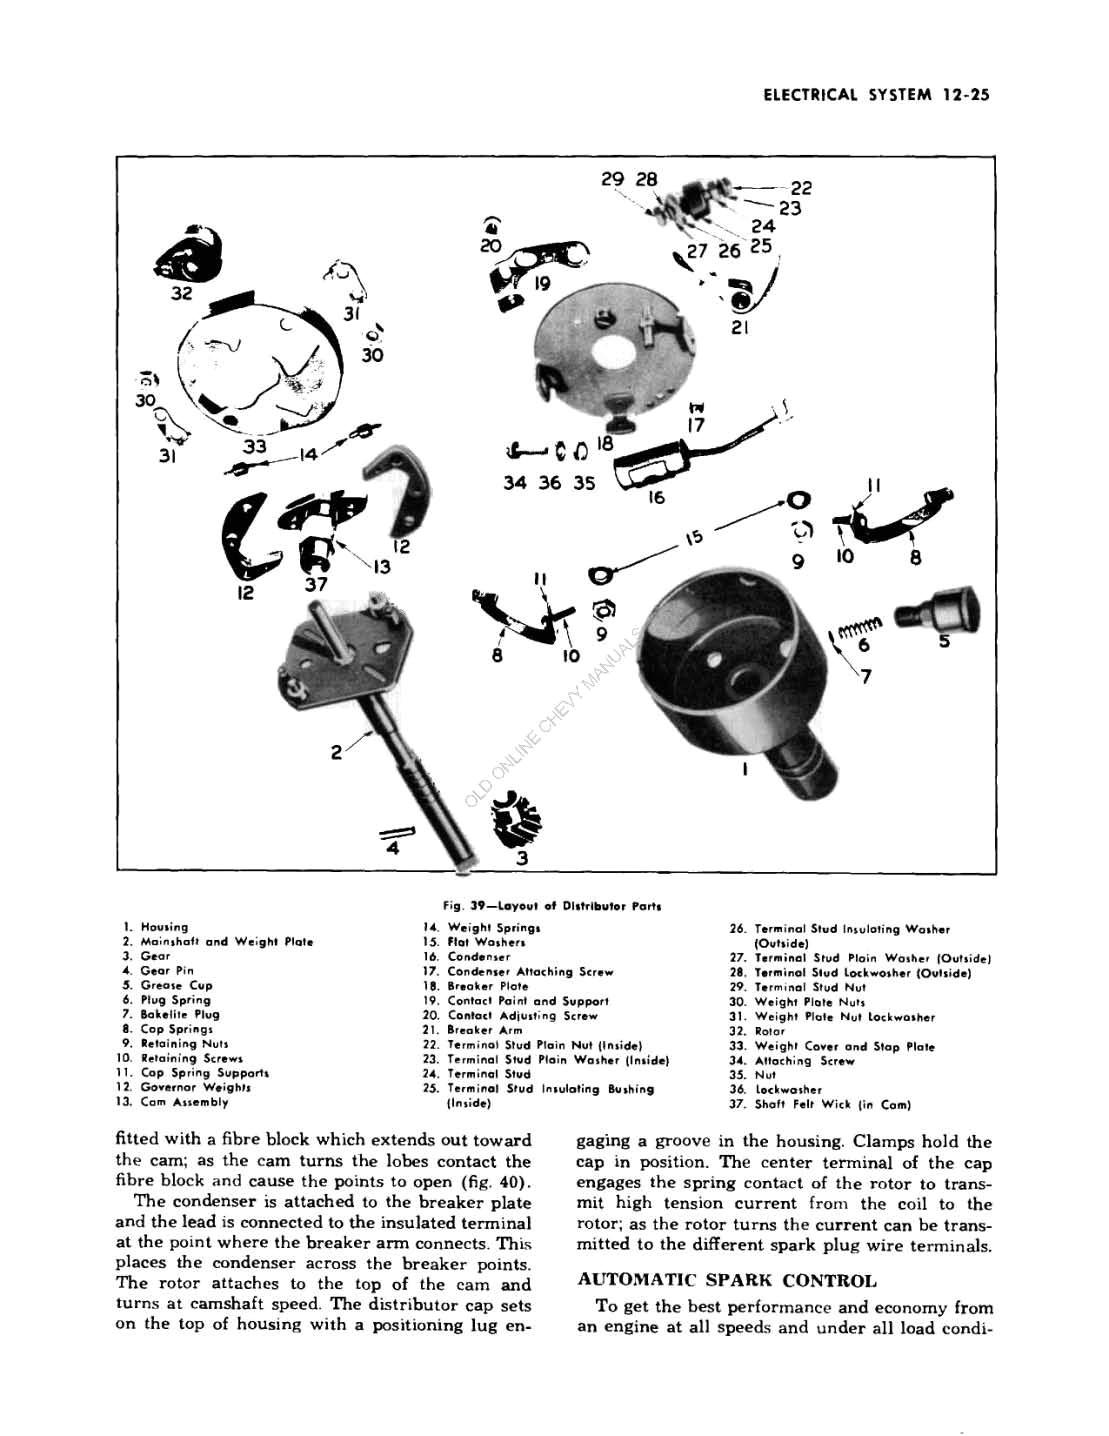 1949 Chevrolet Passenger Car Repair Manual including 1950